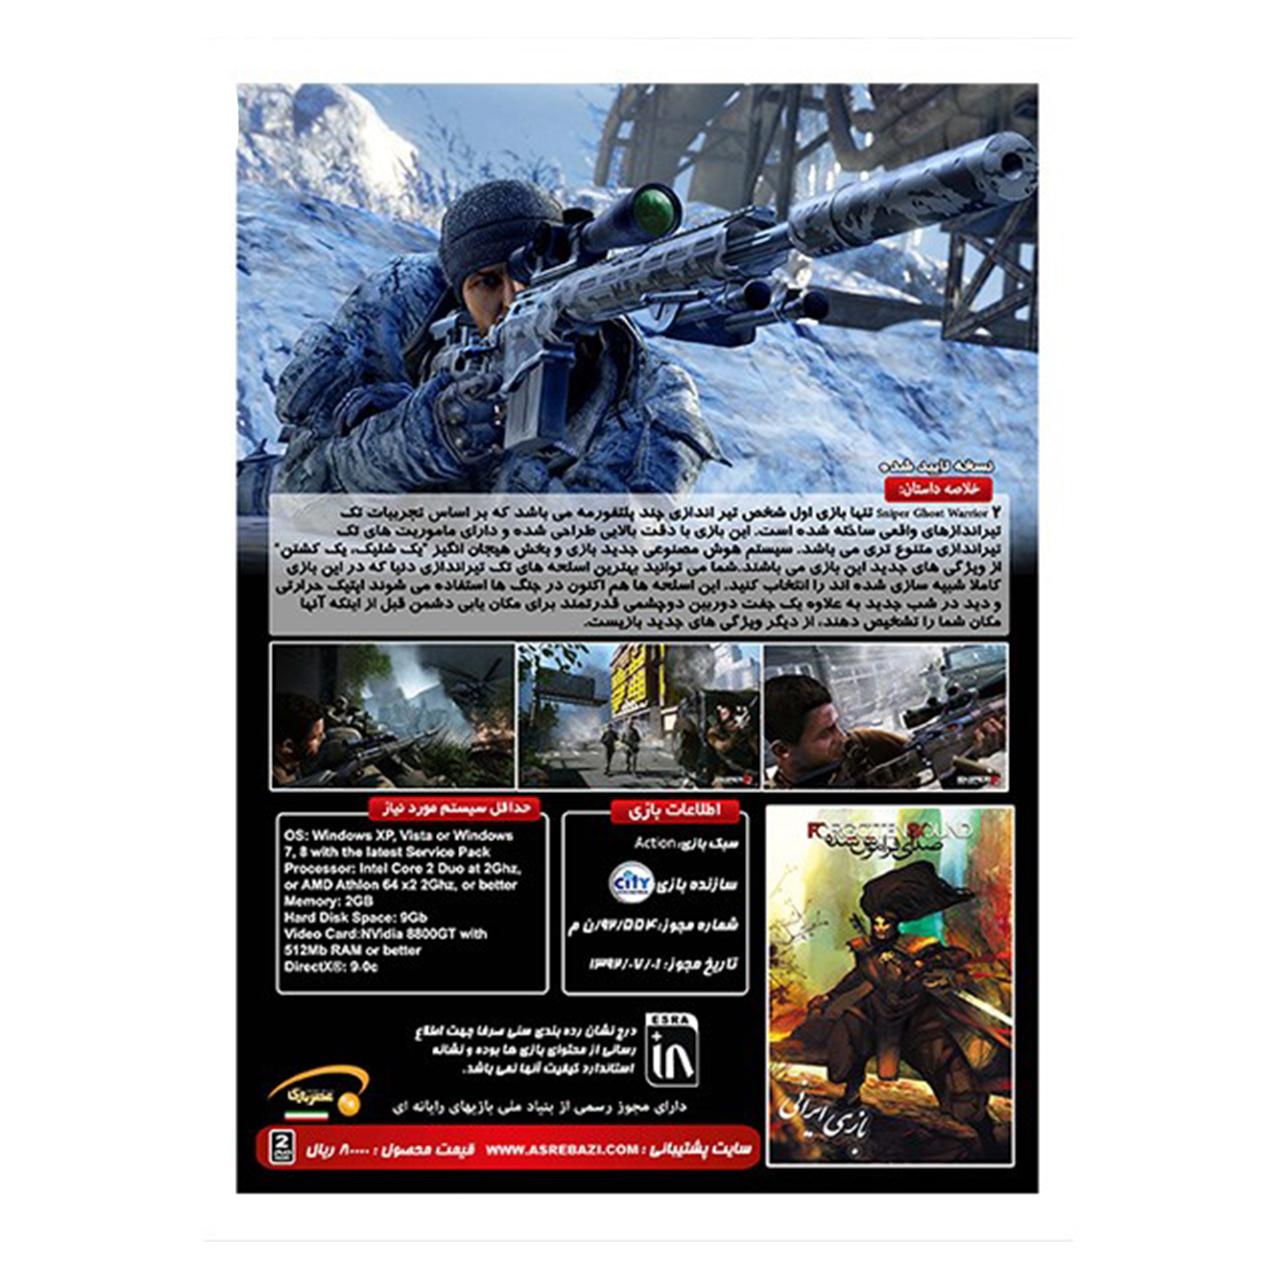 بازی کامپیوتری Sniper Ghost Warrior 2